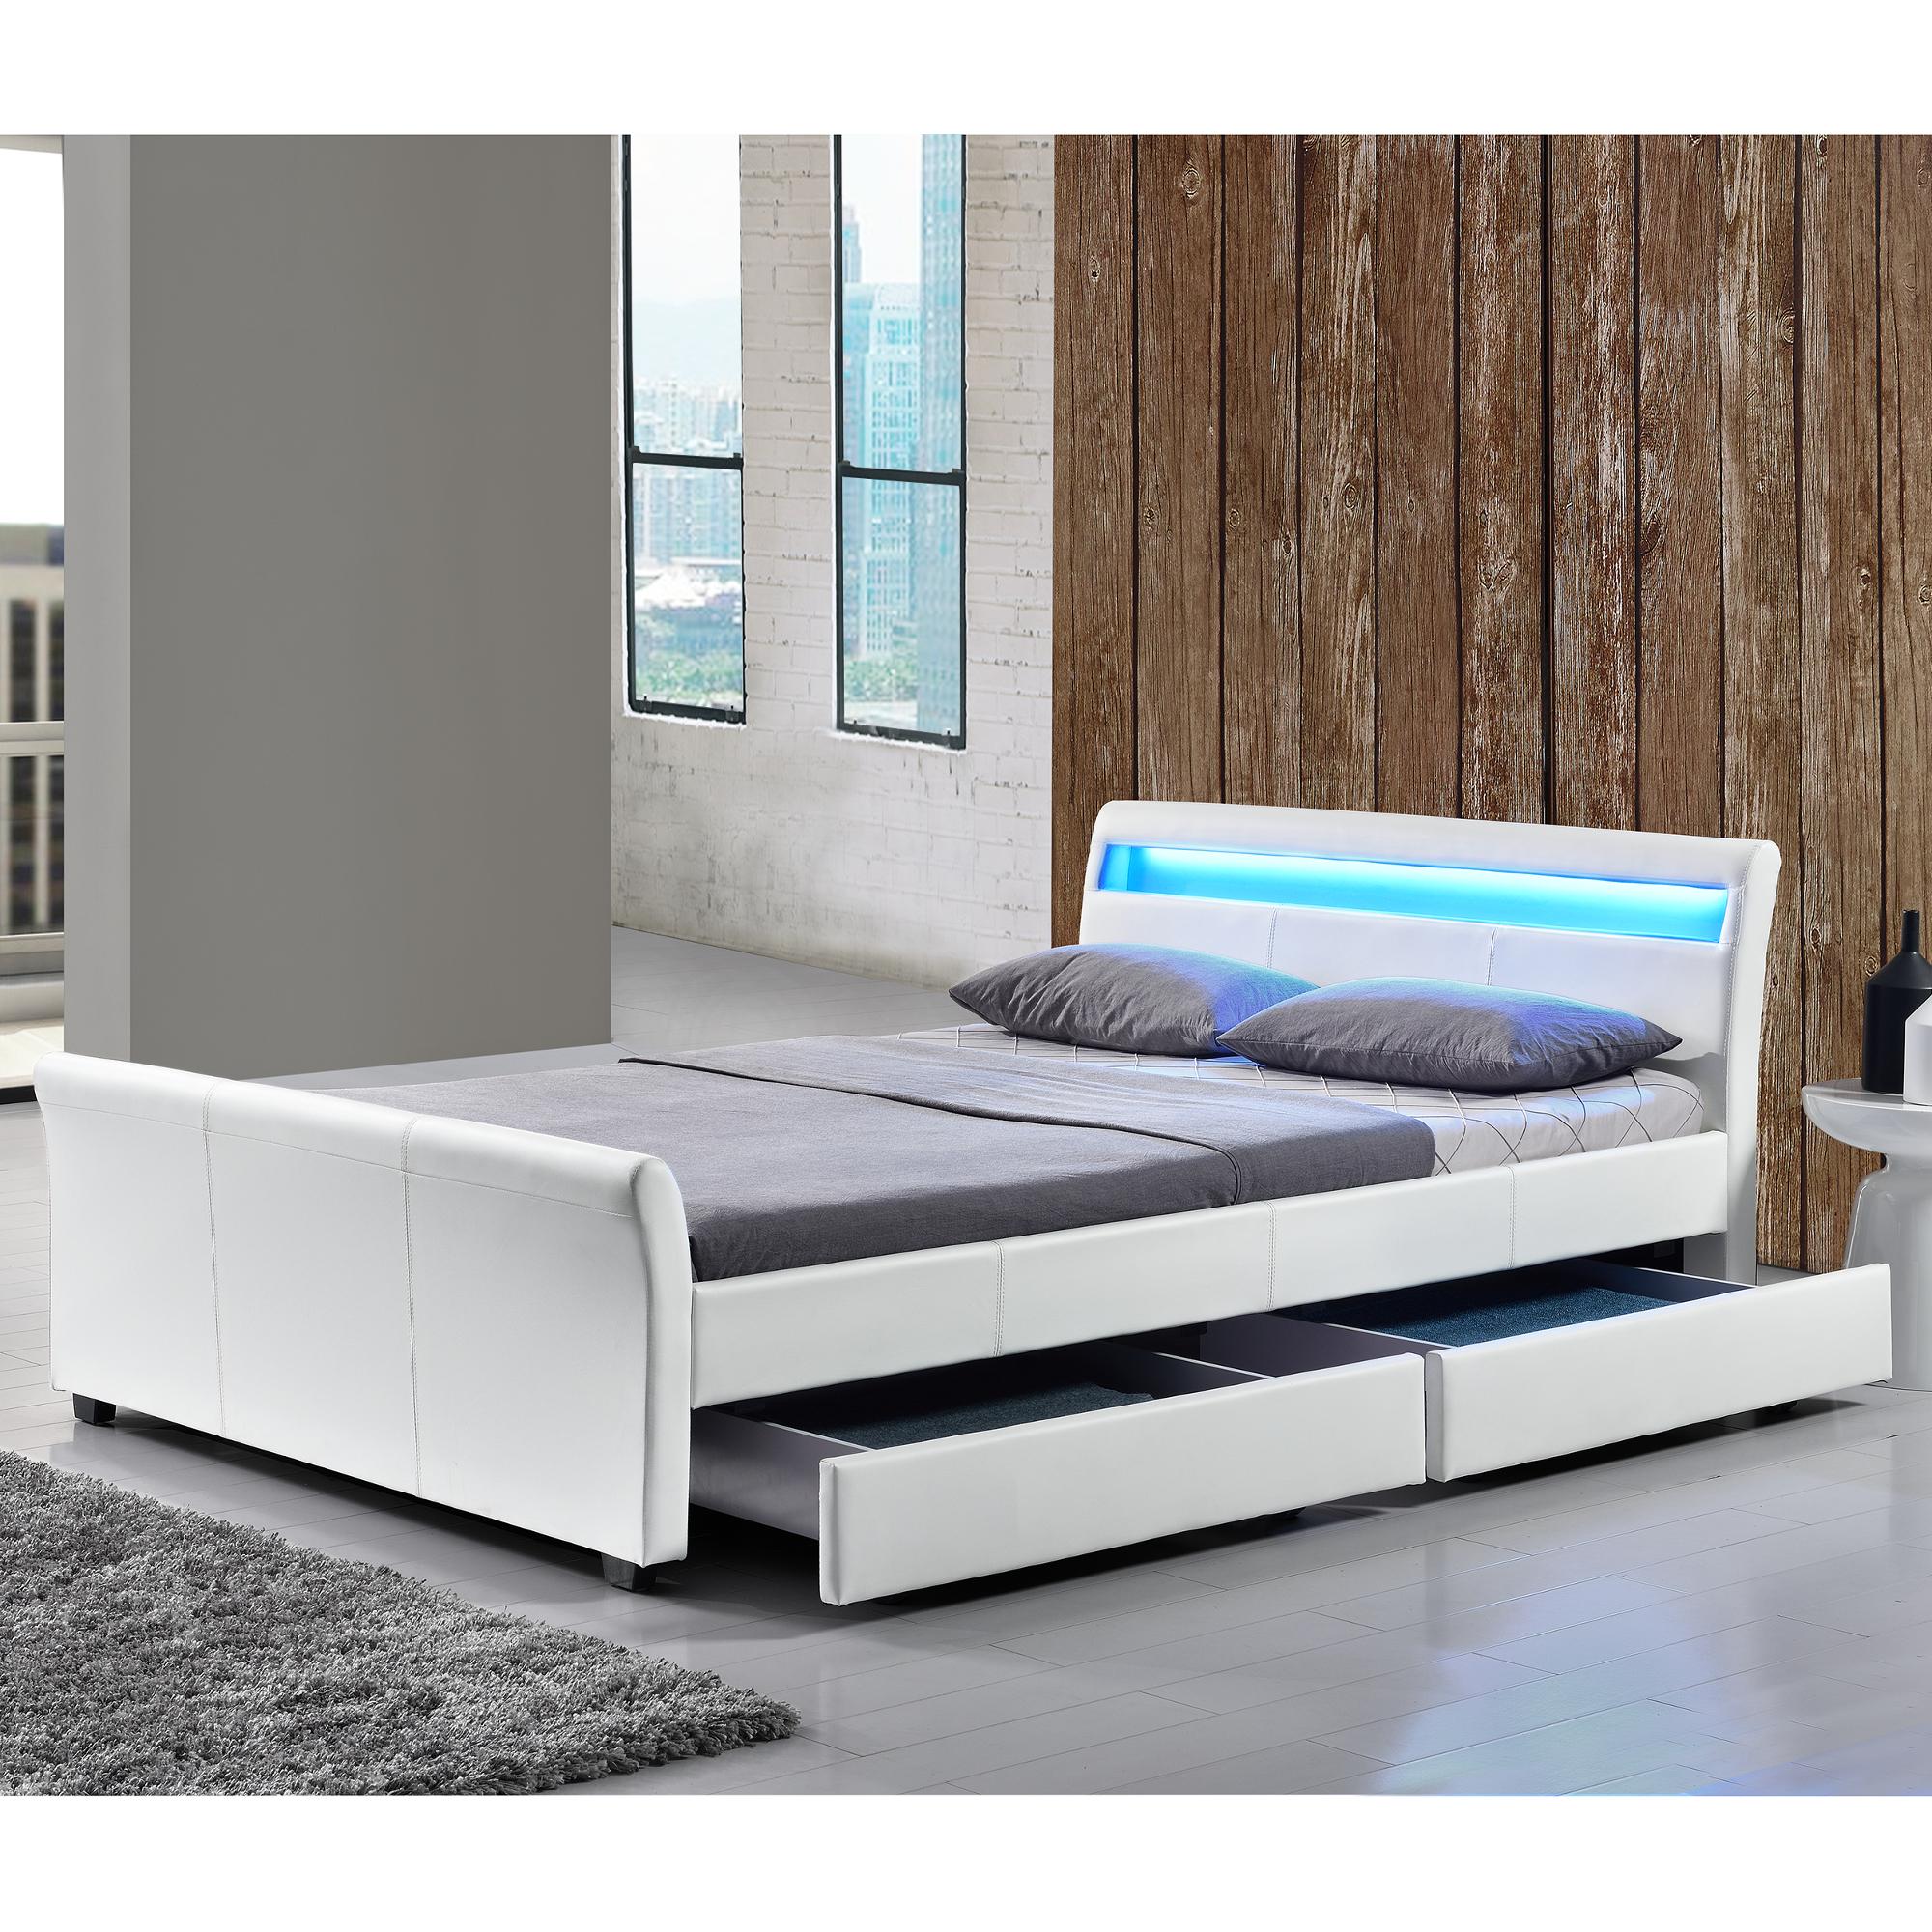 kaltschaum matratze 160x200 cm visco premium komfort rollmatratze ebay. Black Bedroom Furniture Sets. Home Design Ideas